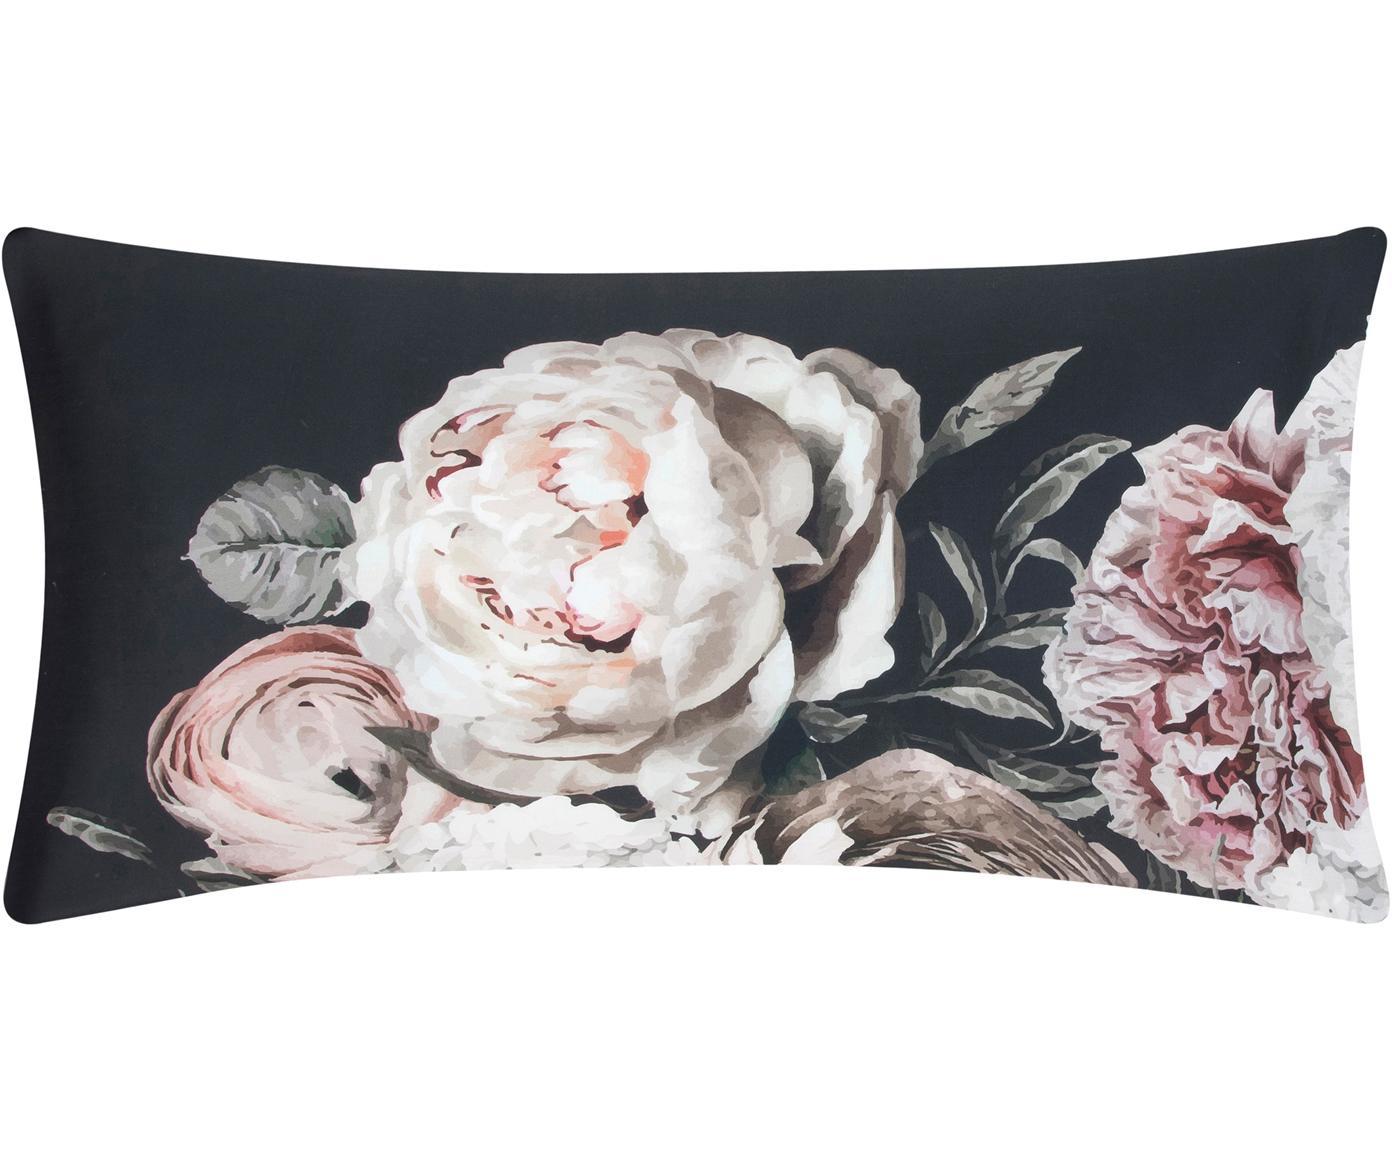 Poszewka na poduszkę z satyny bawełnianej Blossom, 2 szt., Wielobarwny, czarny, S 40 x D 80 cm